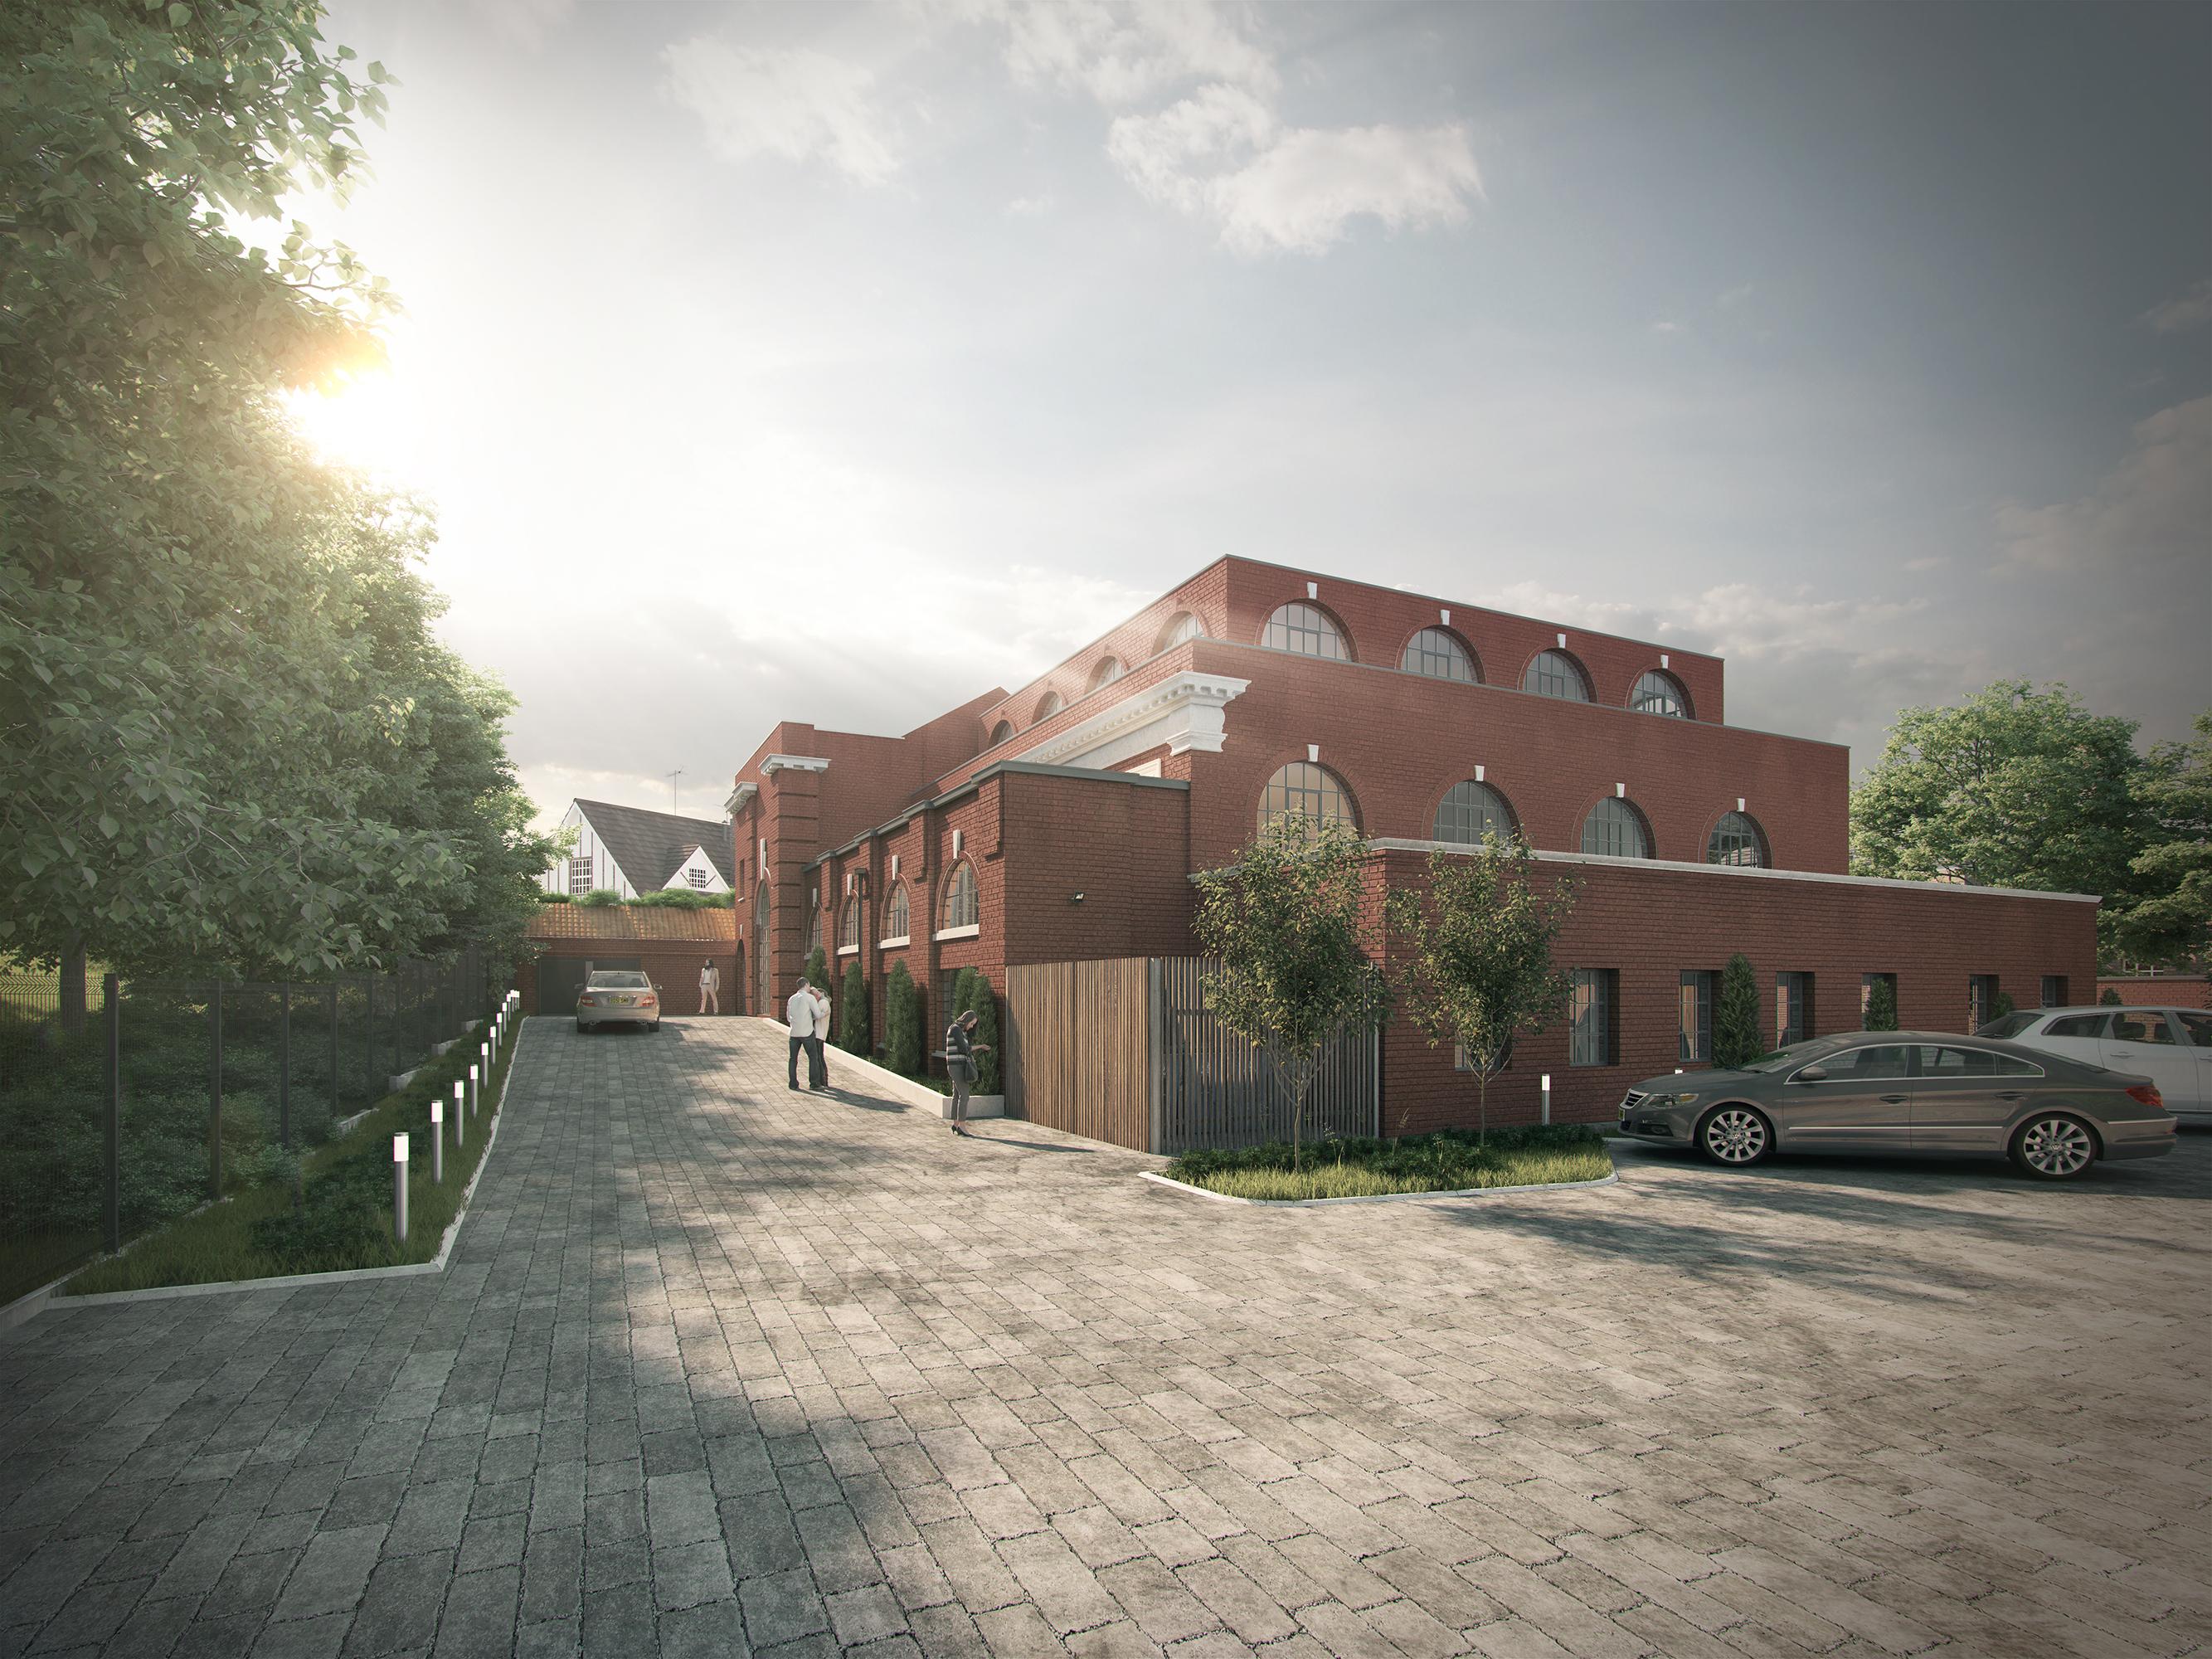 The Powerhouse, Harrow, HA1